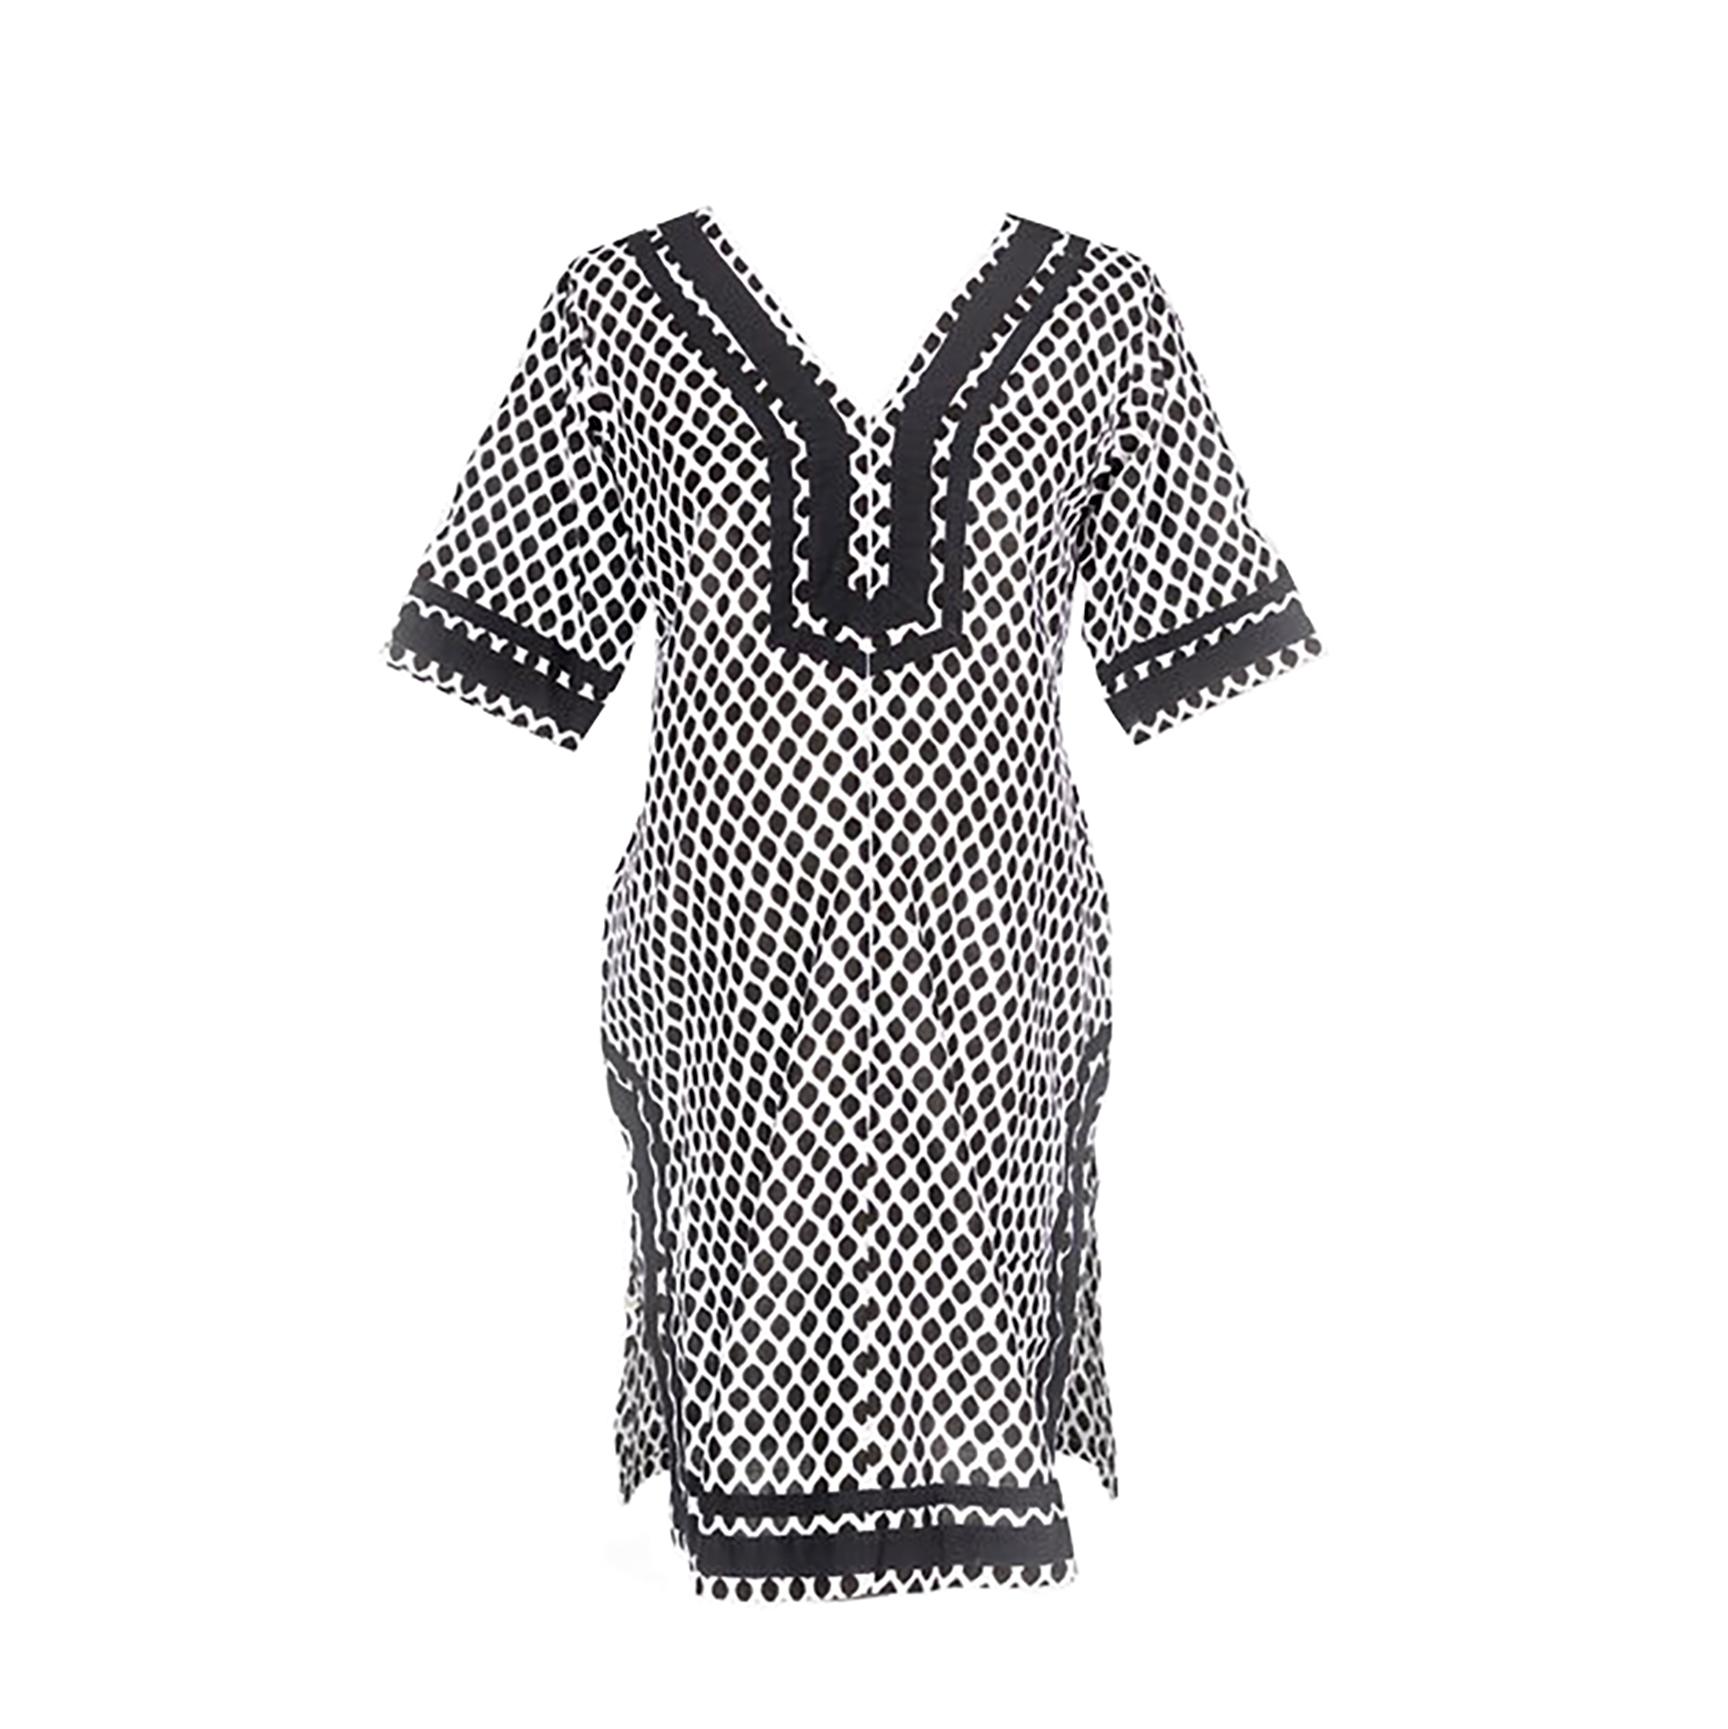 - The Birth Gown, Della B, $78